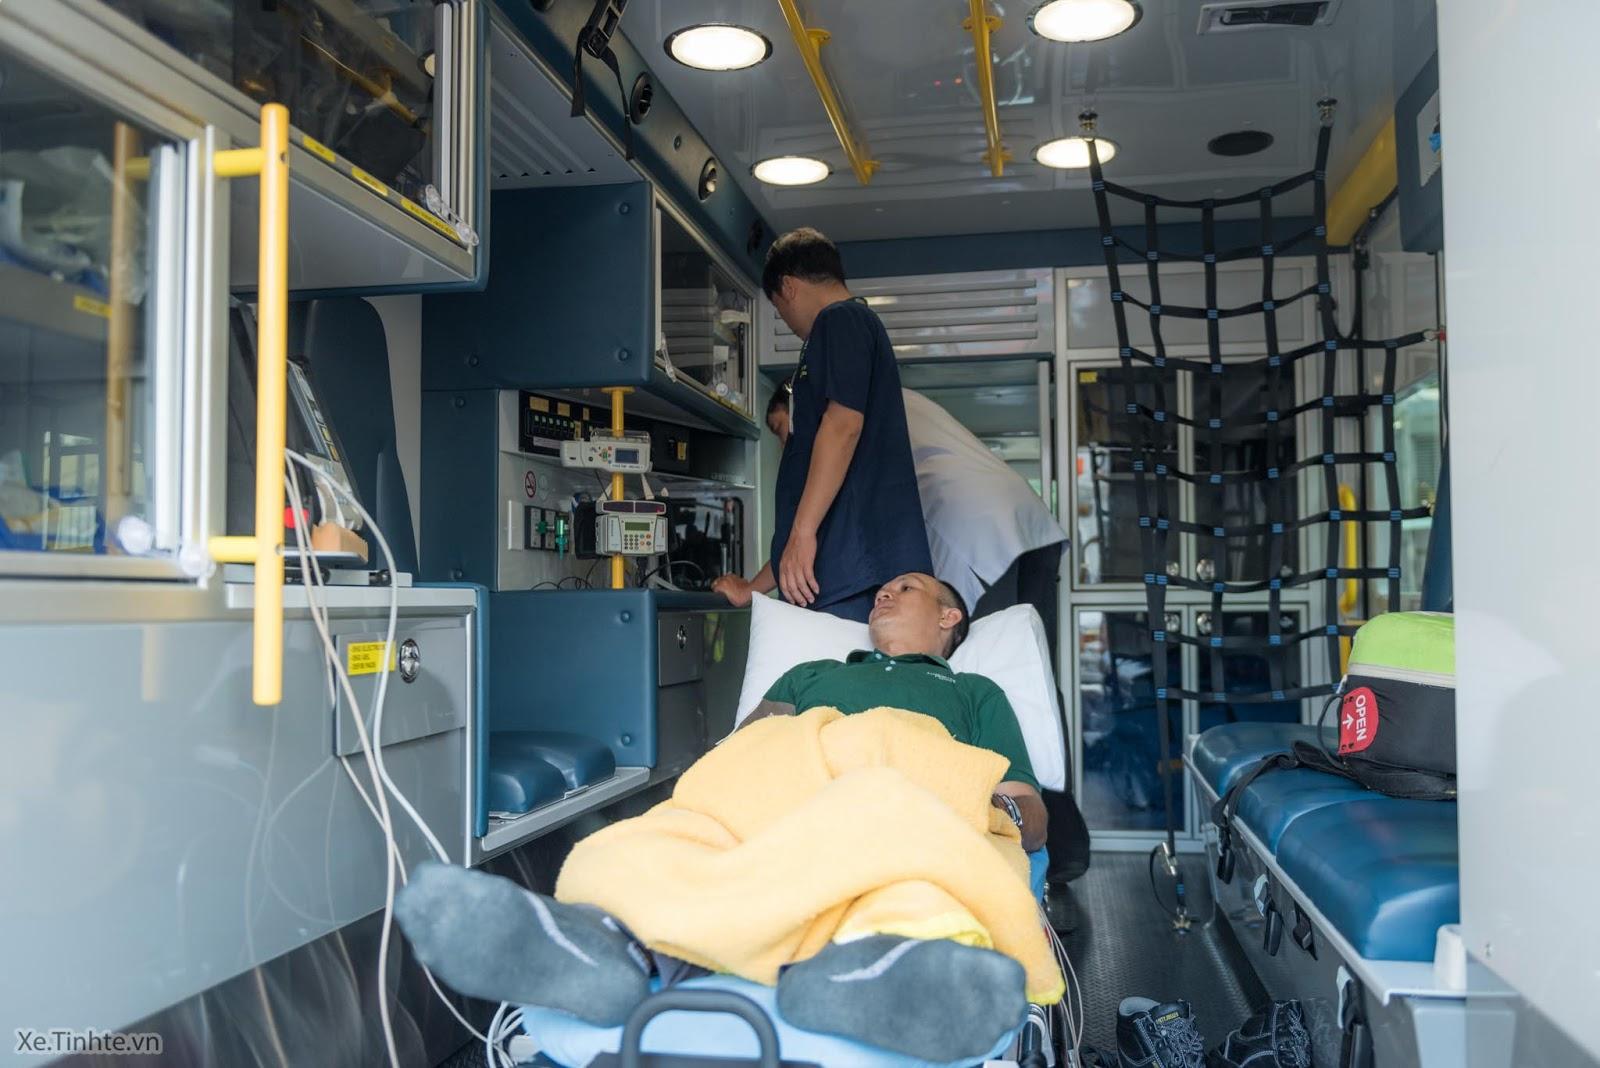 Dịch vụ xe cấp cứu Star 9999 tại TP.HCM bạn đã biết Dich vu cap cuu Star9999 27